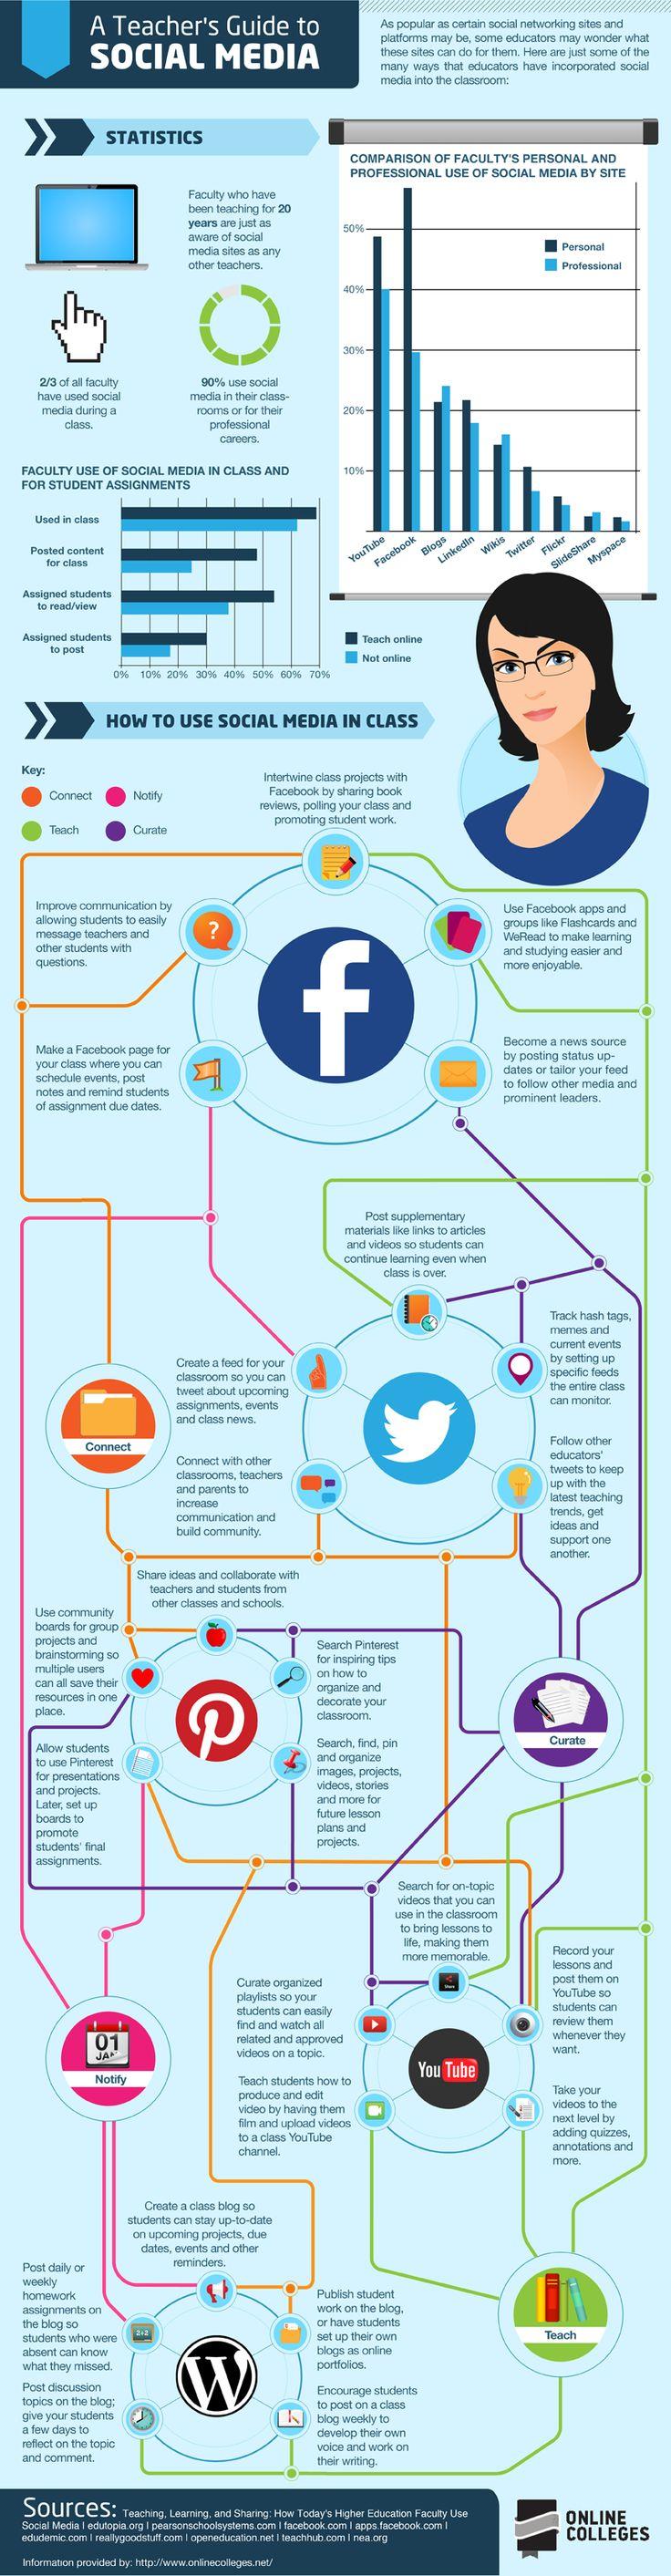 teachers-guide-social-media